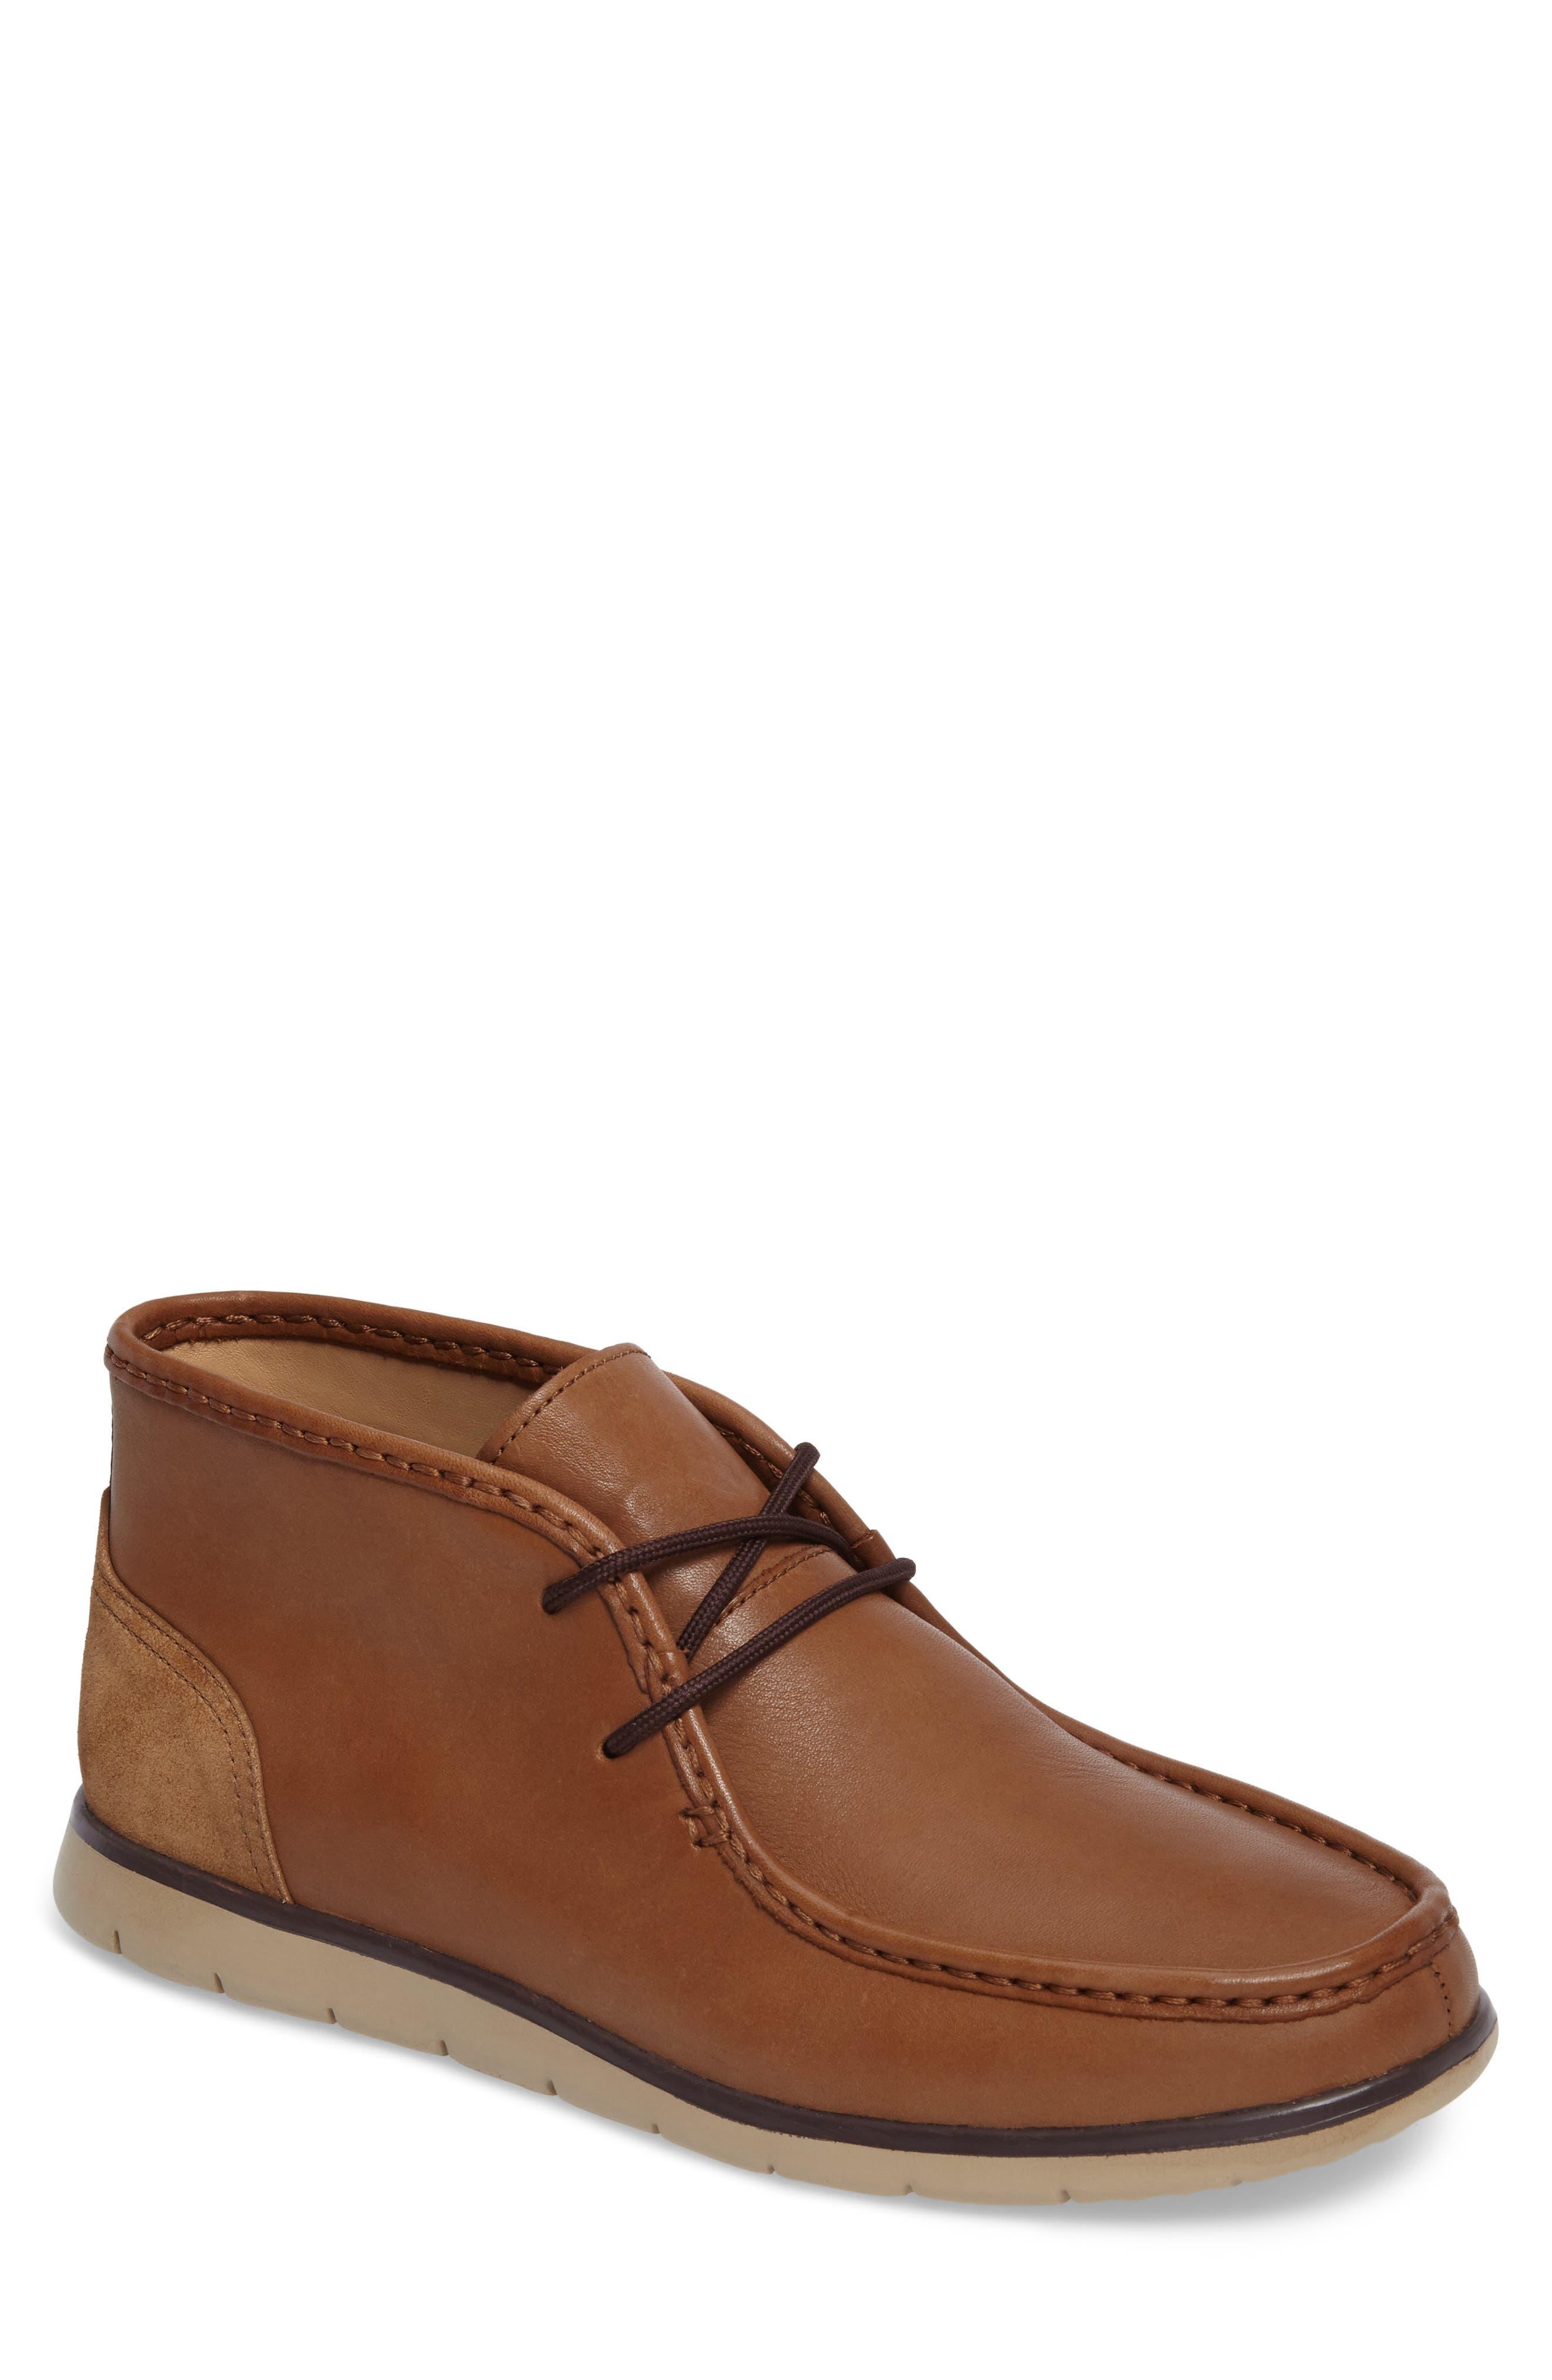 Main Image - UGG® 'Hendrickson' Chukka Boot (Men)